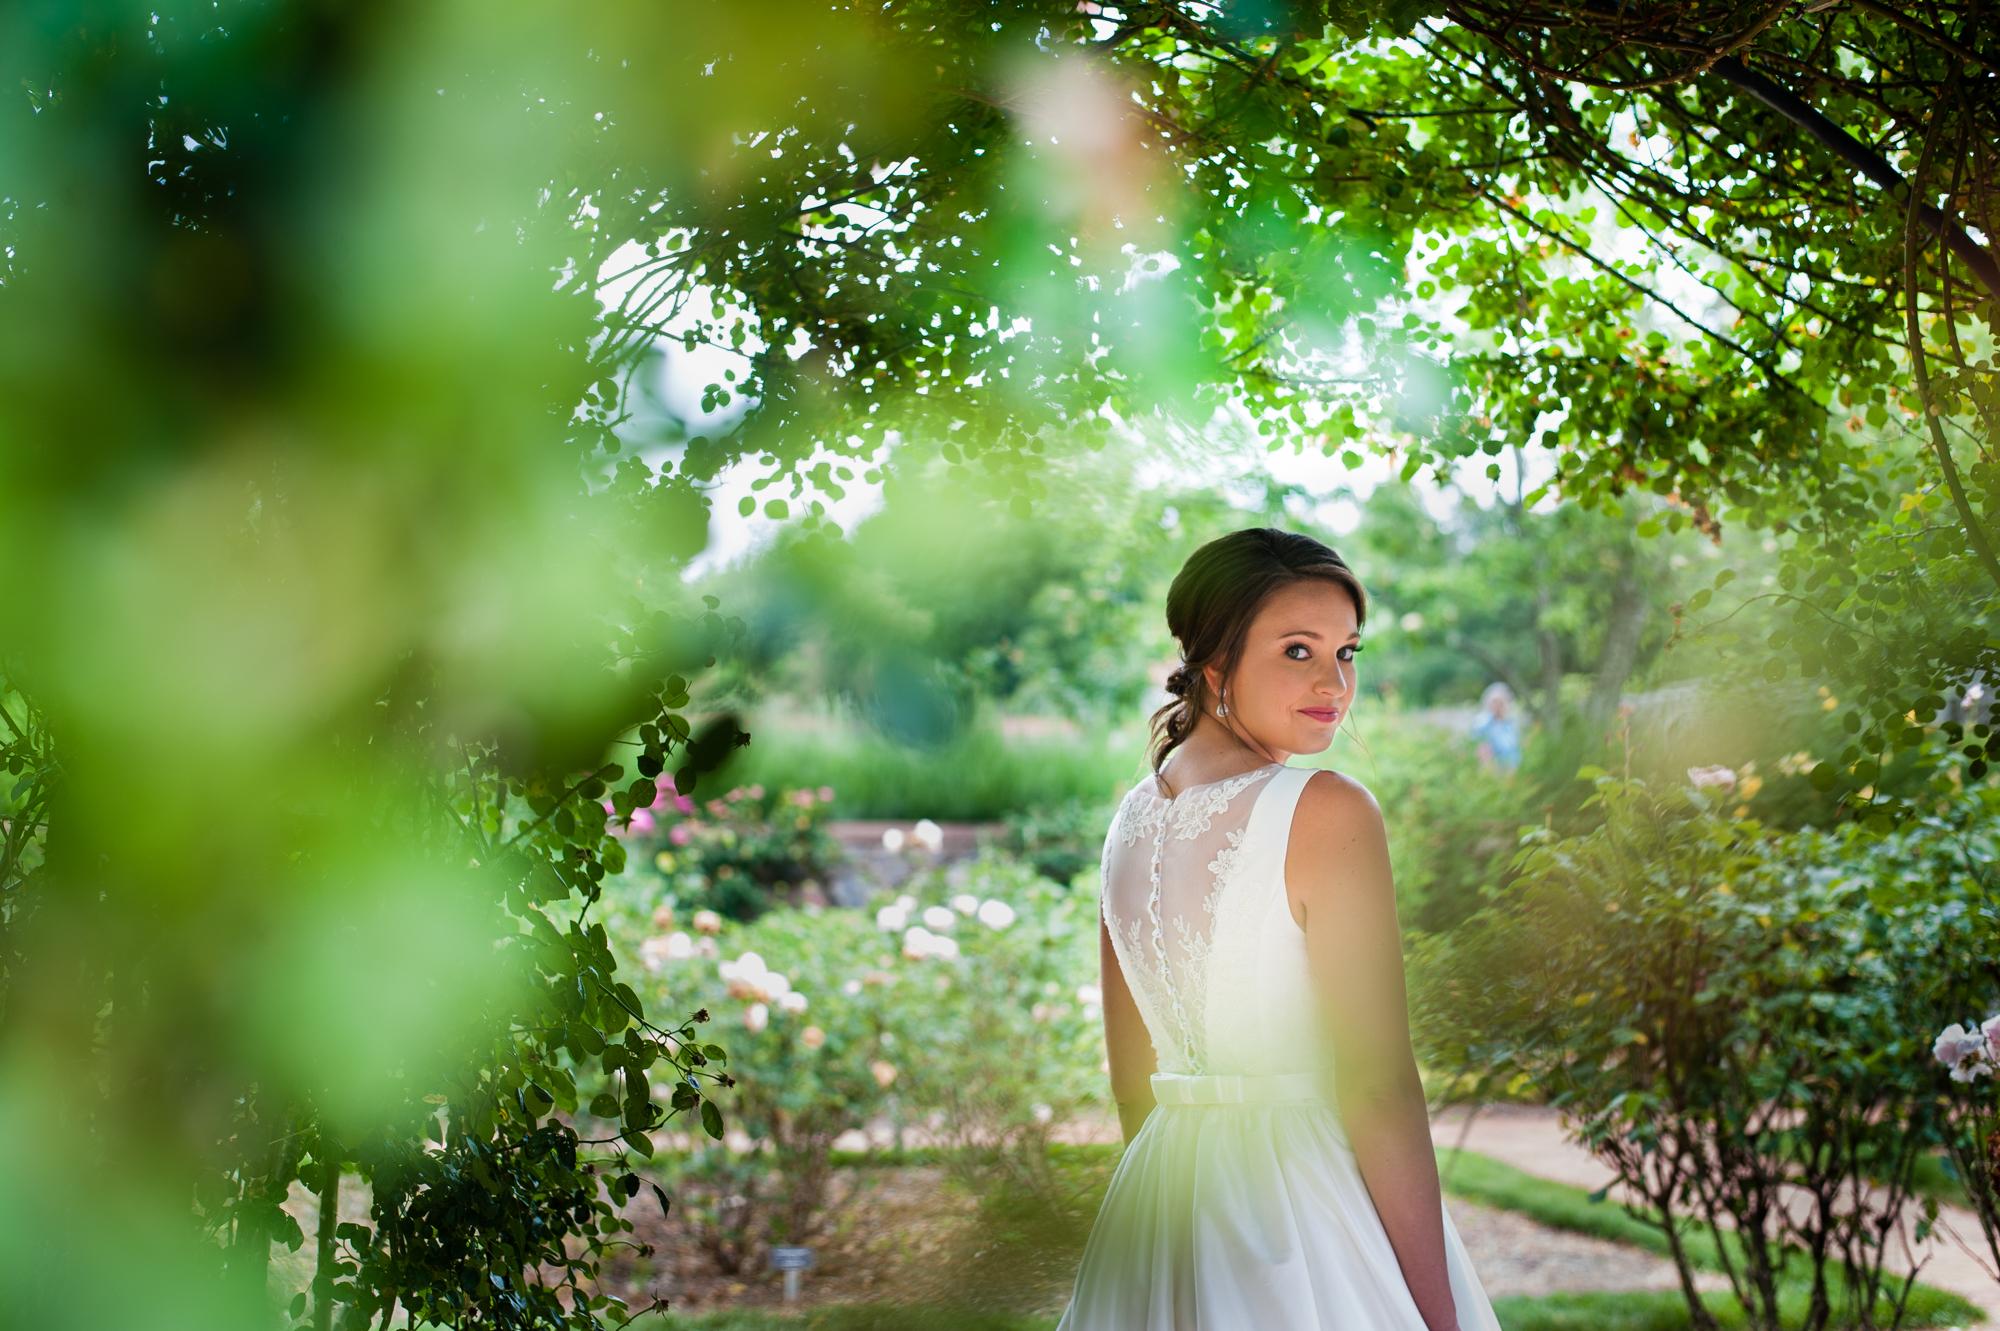 biltmore rose garden bridal portrait